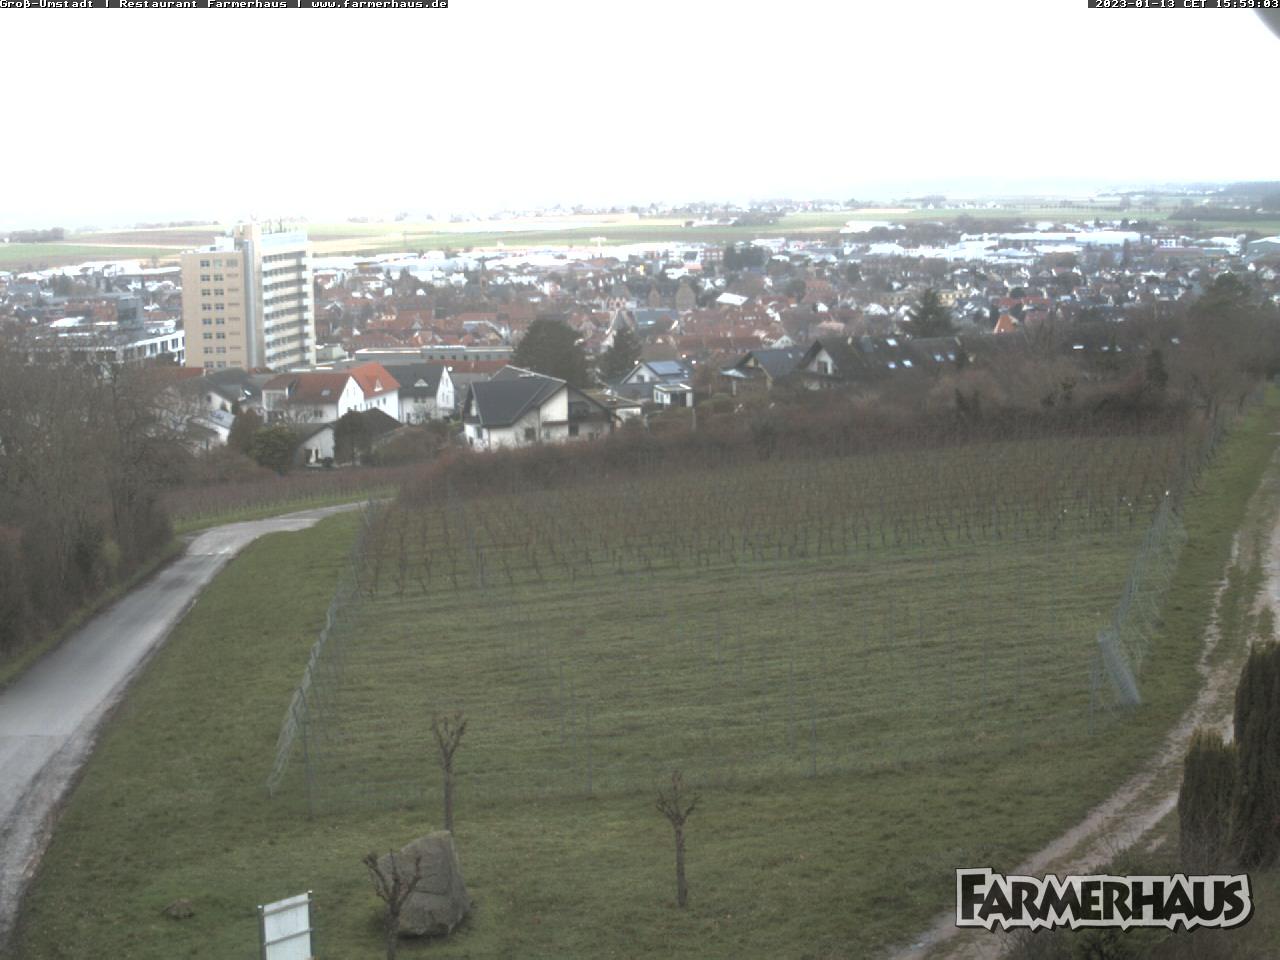 http://www.farmerhaus.de/webcams/dach.jpg